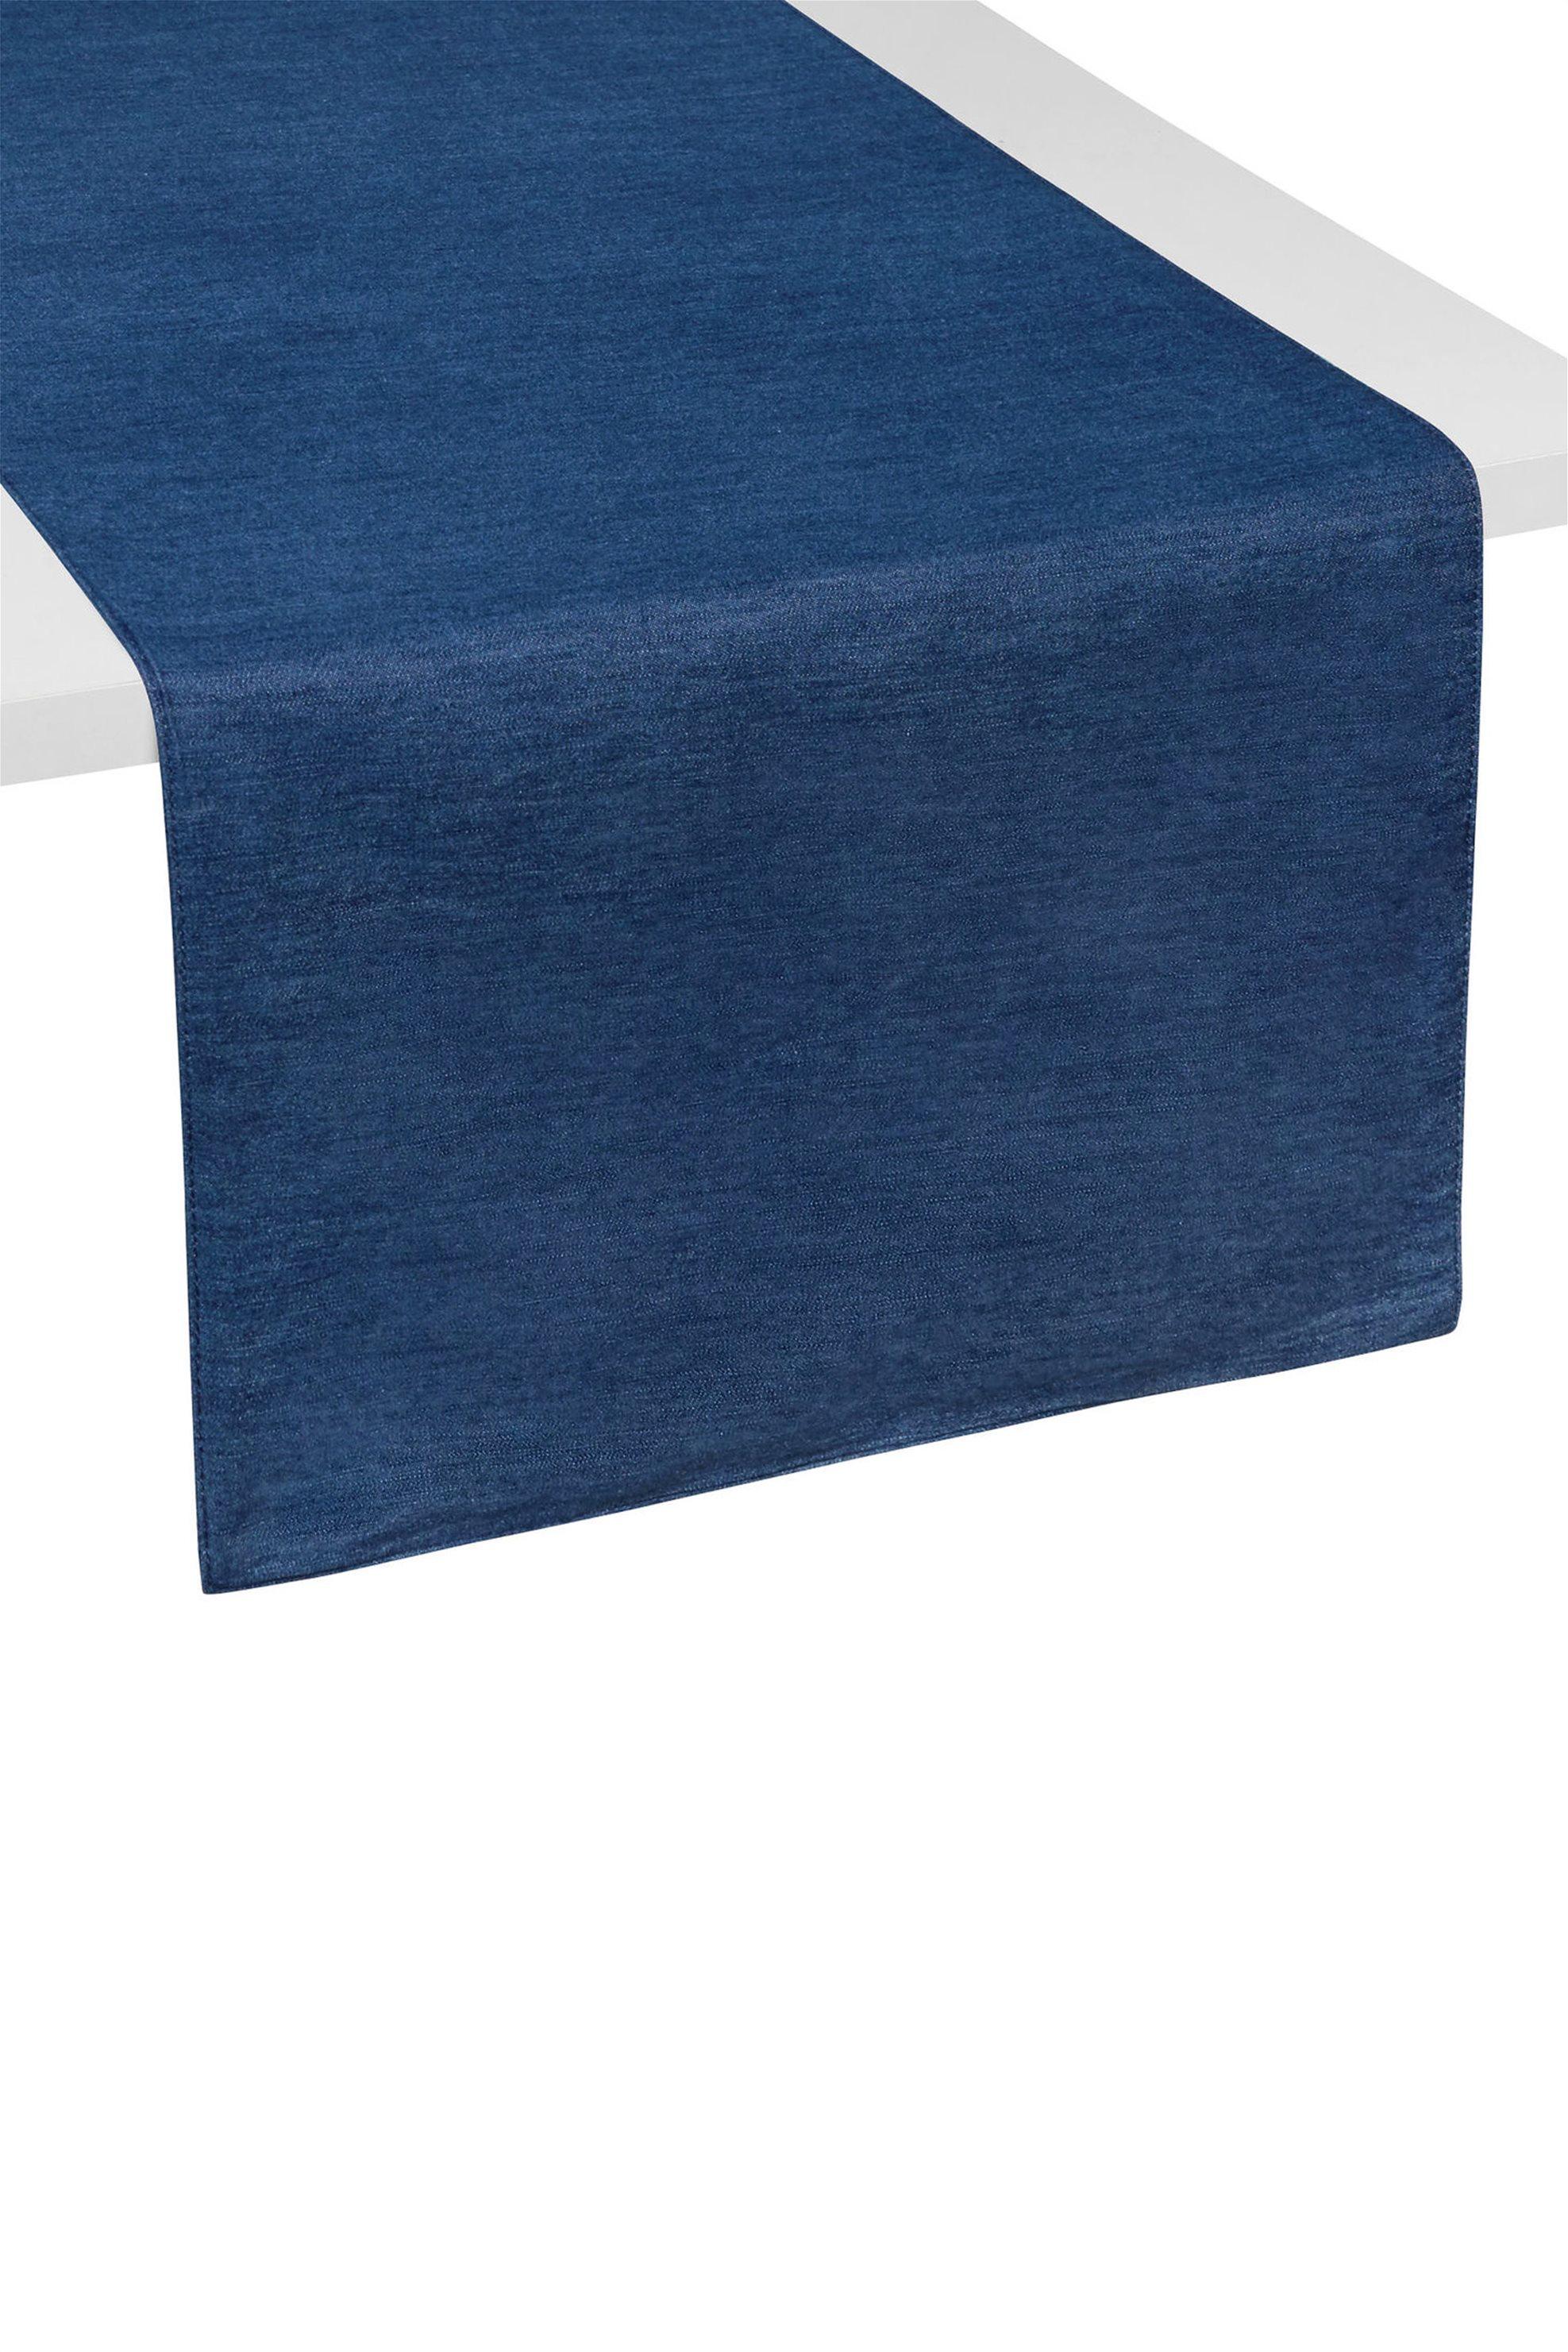 Ράνερ μπλε διπλής όψης 40 χ 140 cm Cooincasa - 000494790 - Μπλε home   κουζινα   τραβέρσες   ράνερ